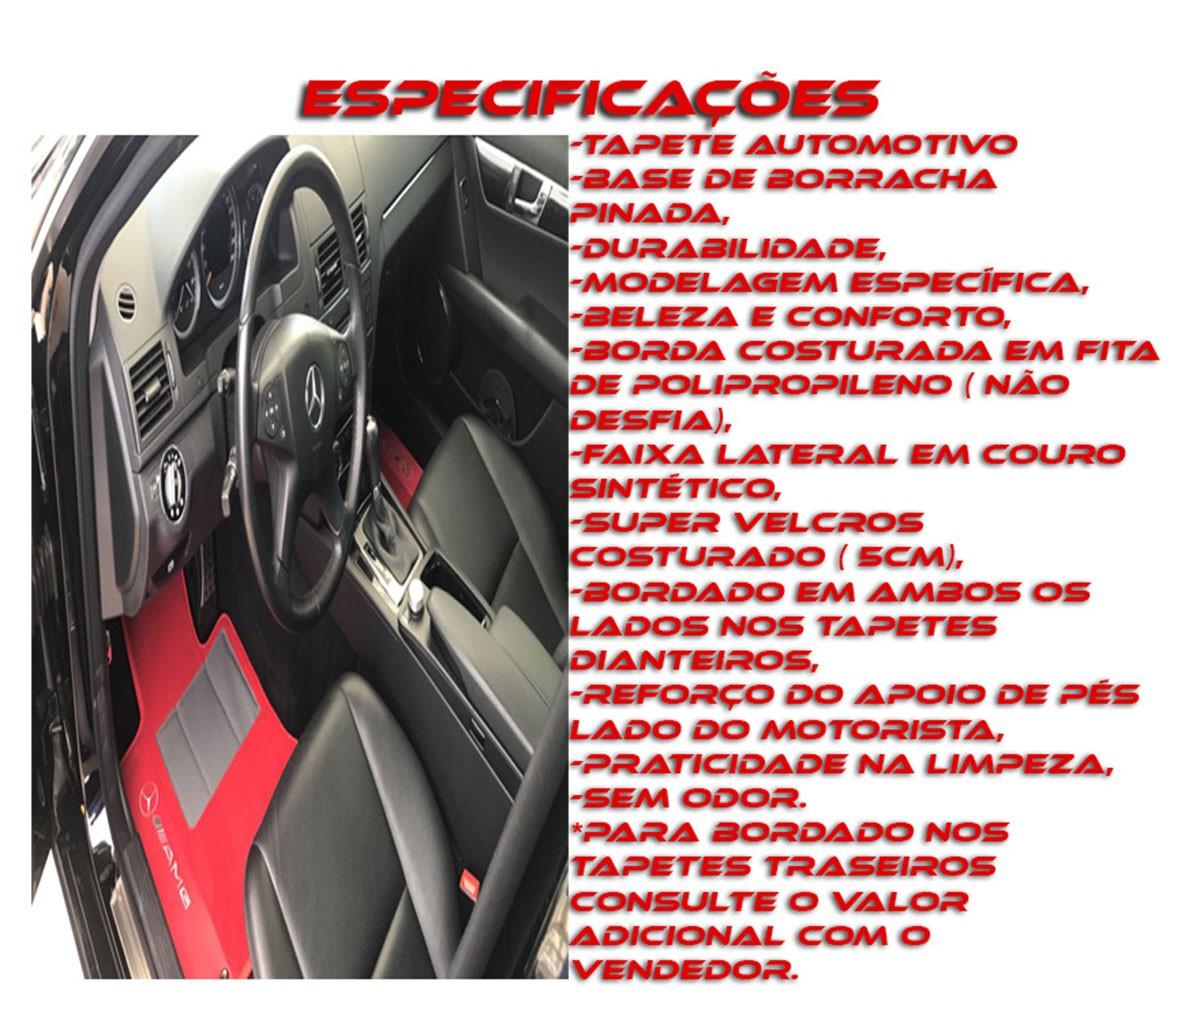 Tapete Fiat Uno Borracha Pvc Base Pinada Hitto